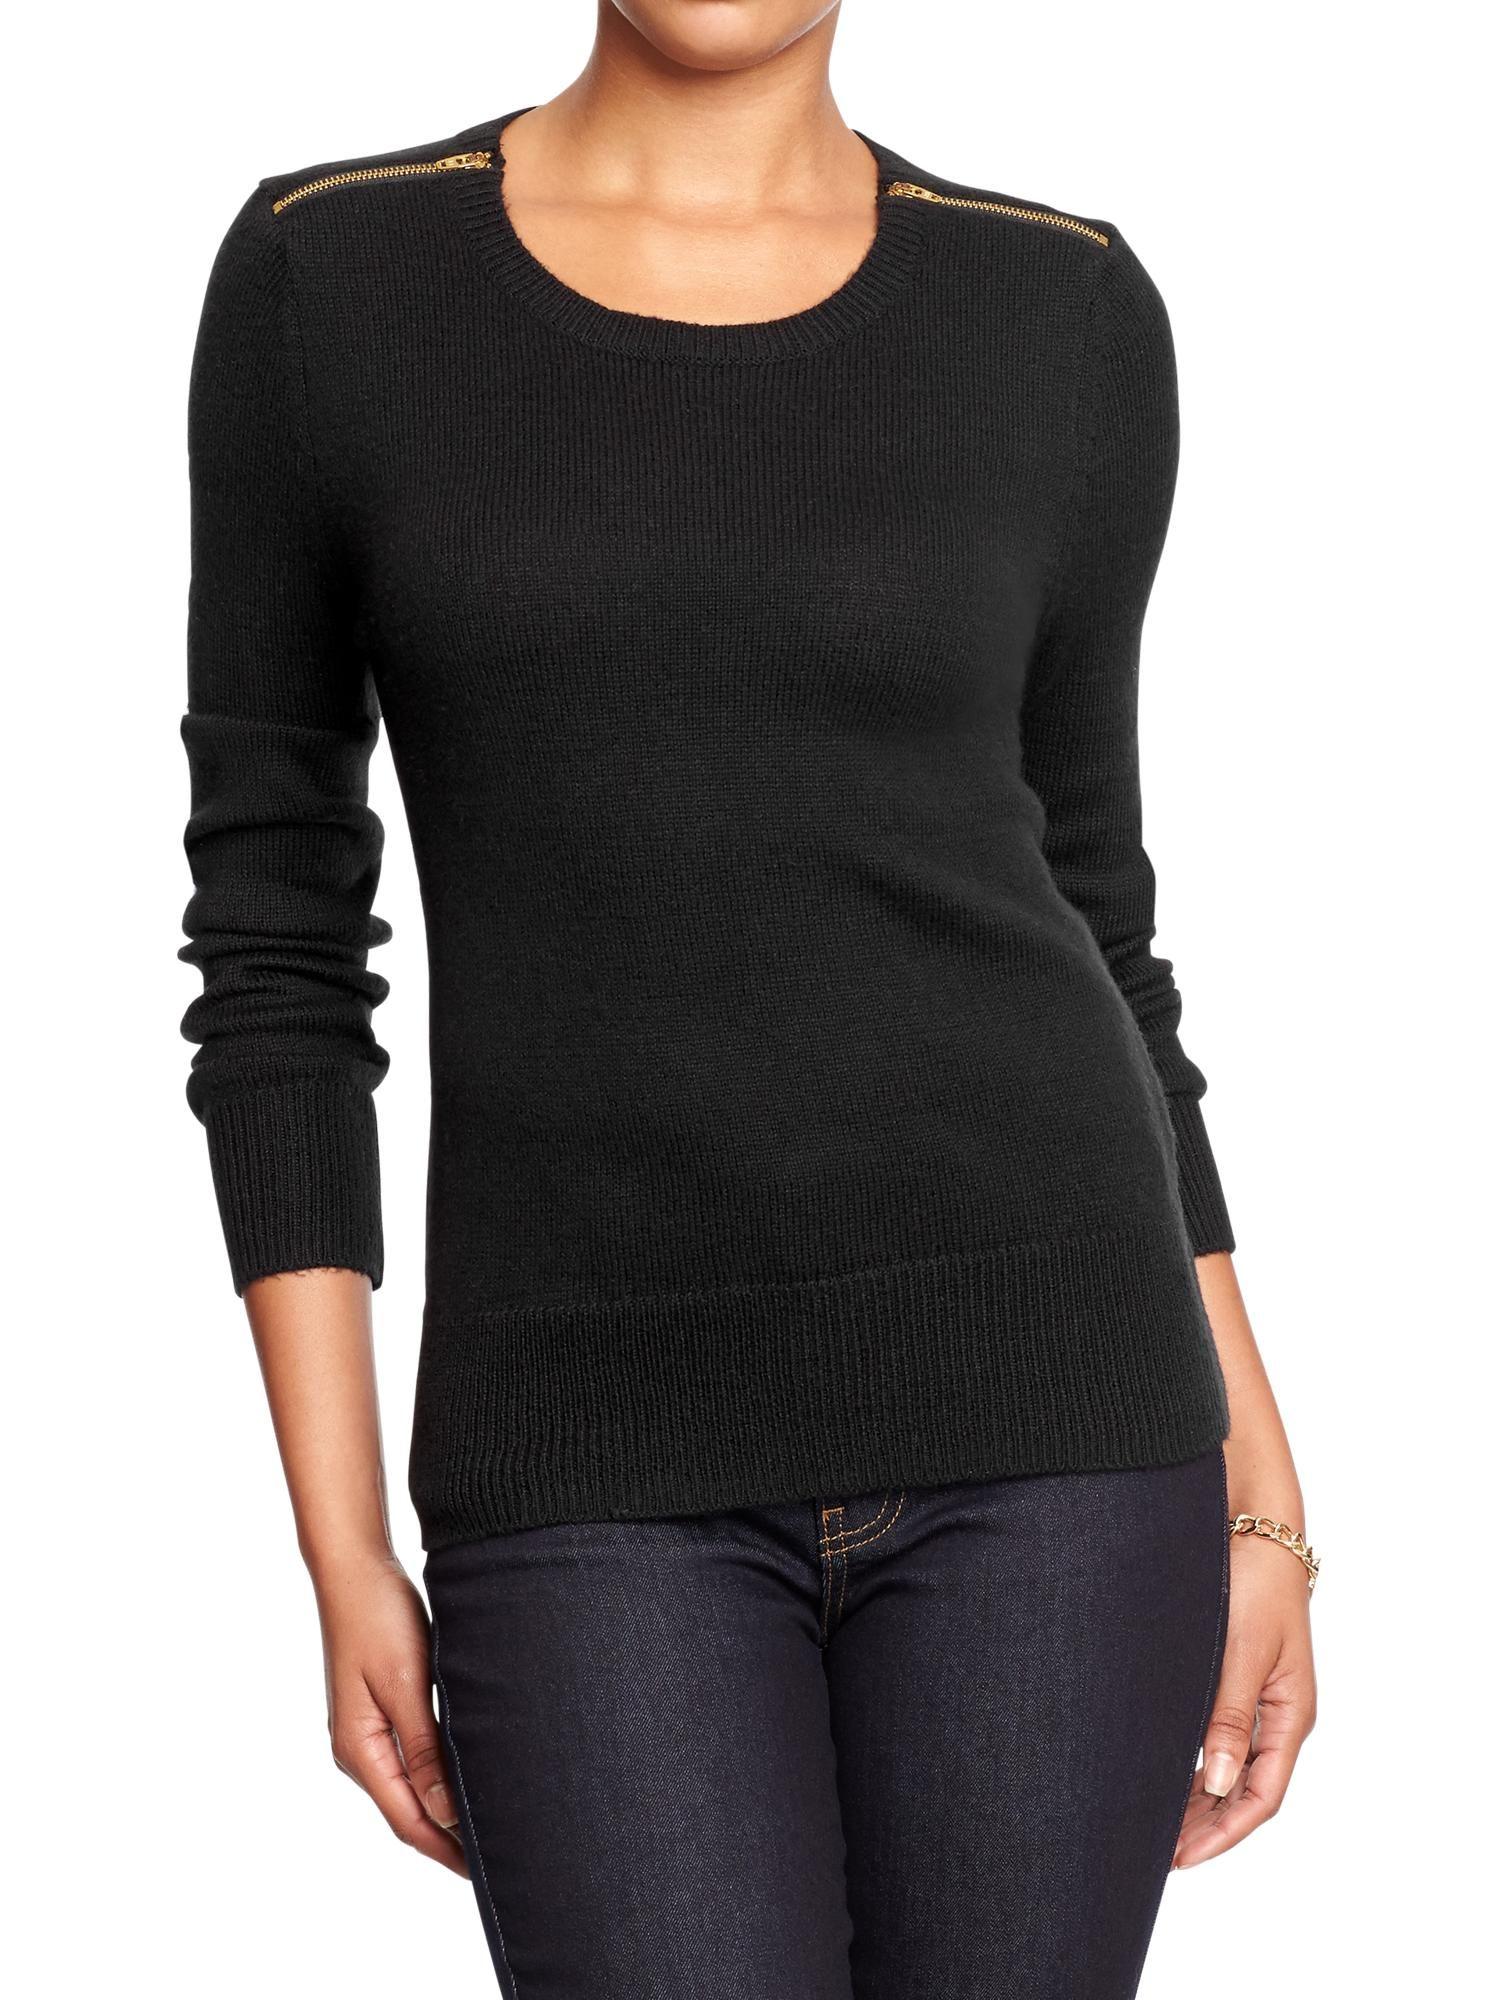 Old Navy | Women's Zip-Shoulder Sweaters